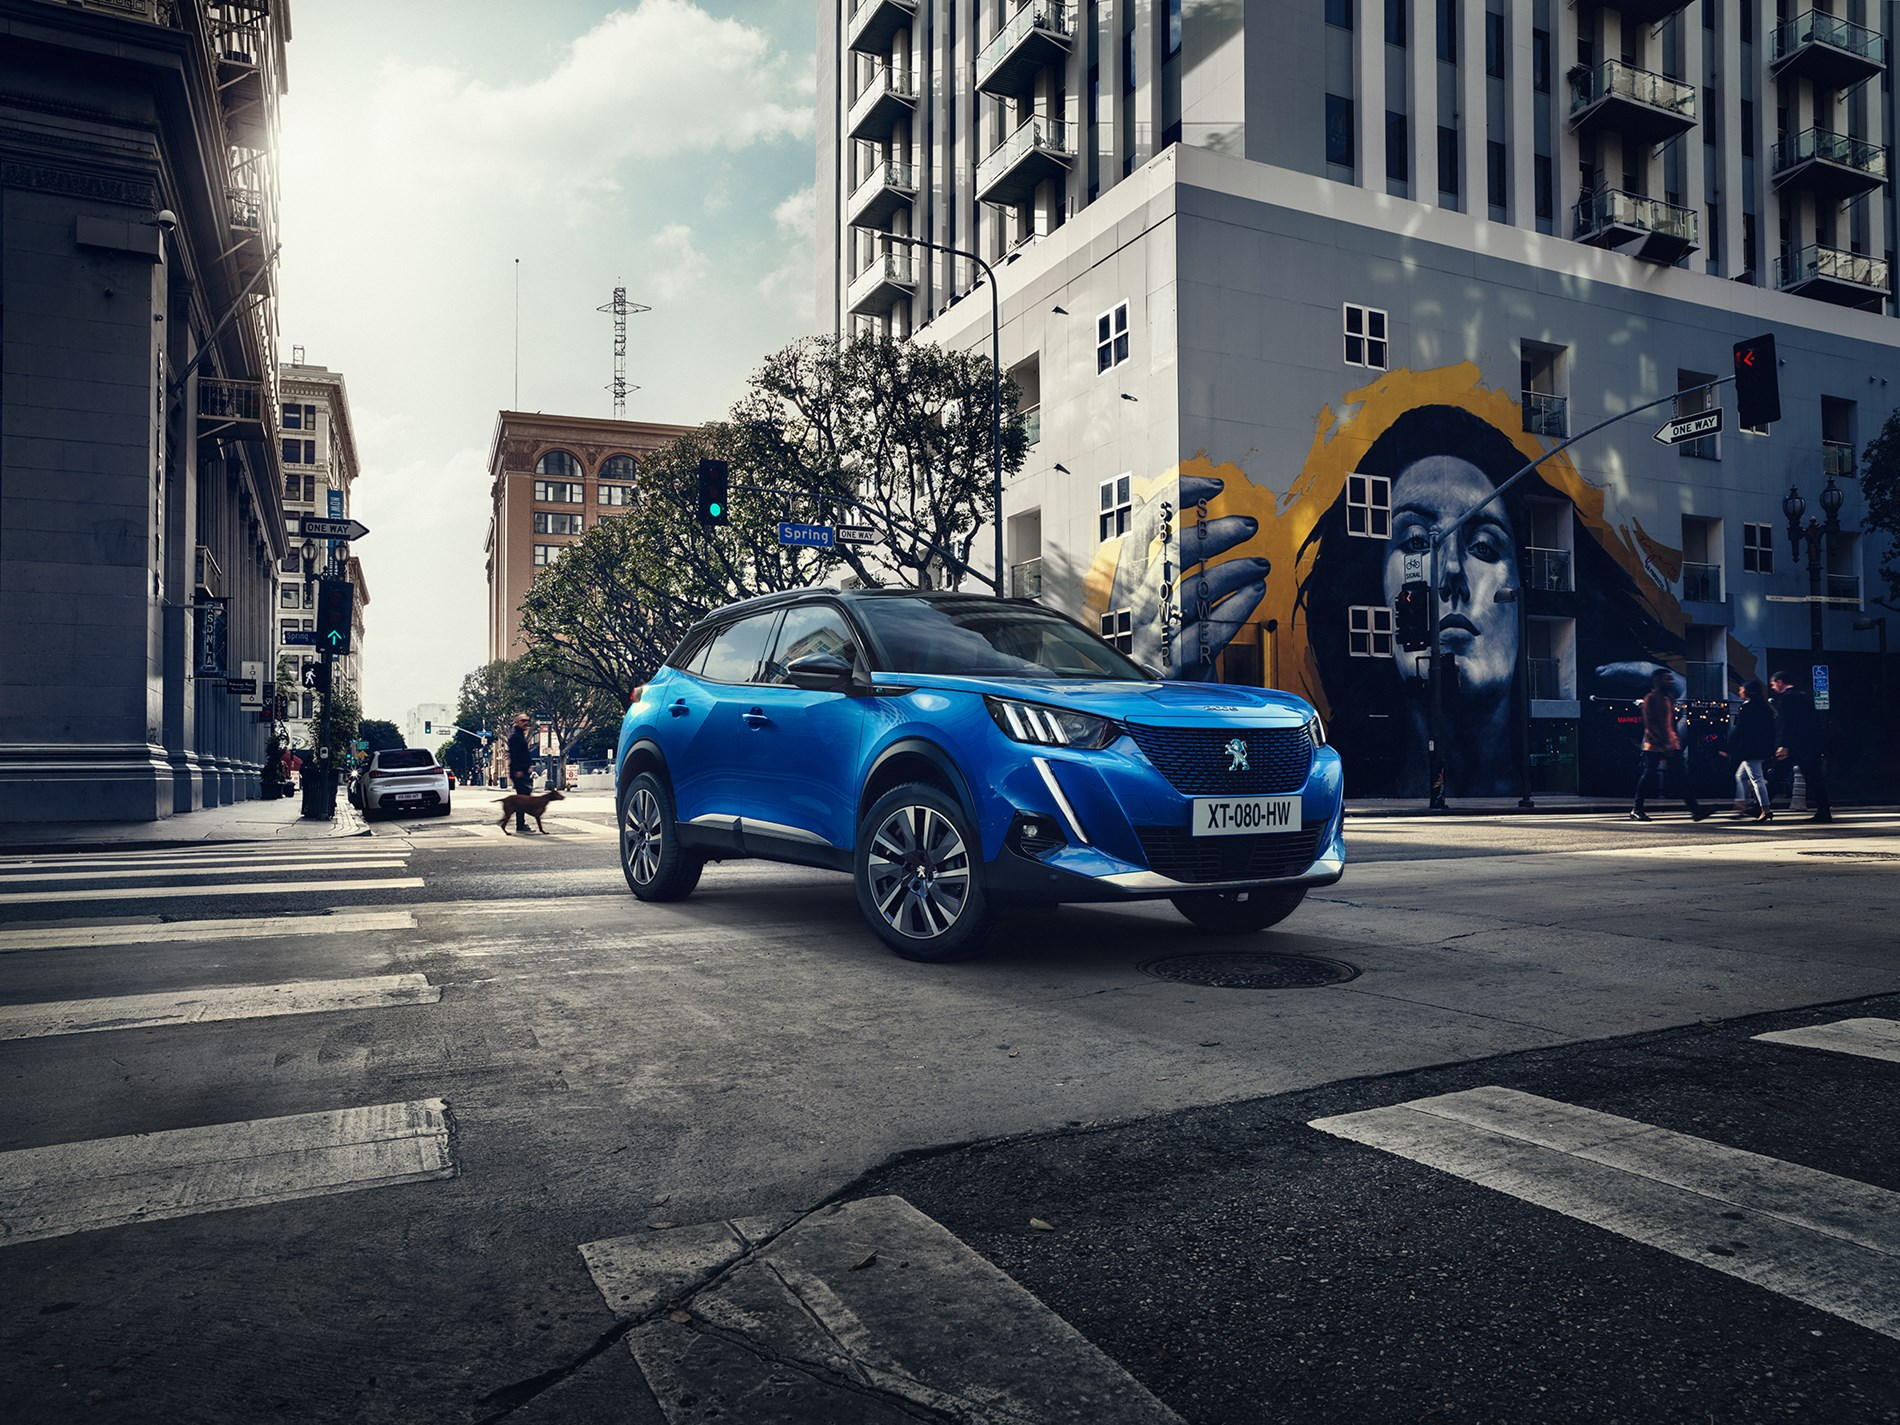 Voor iedereen die rijplezier een nieuwe dimensie wil geven, onthult PEUGEOT de nieuwe SUV 2008.